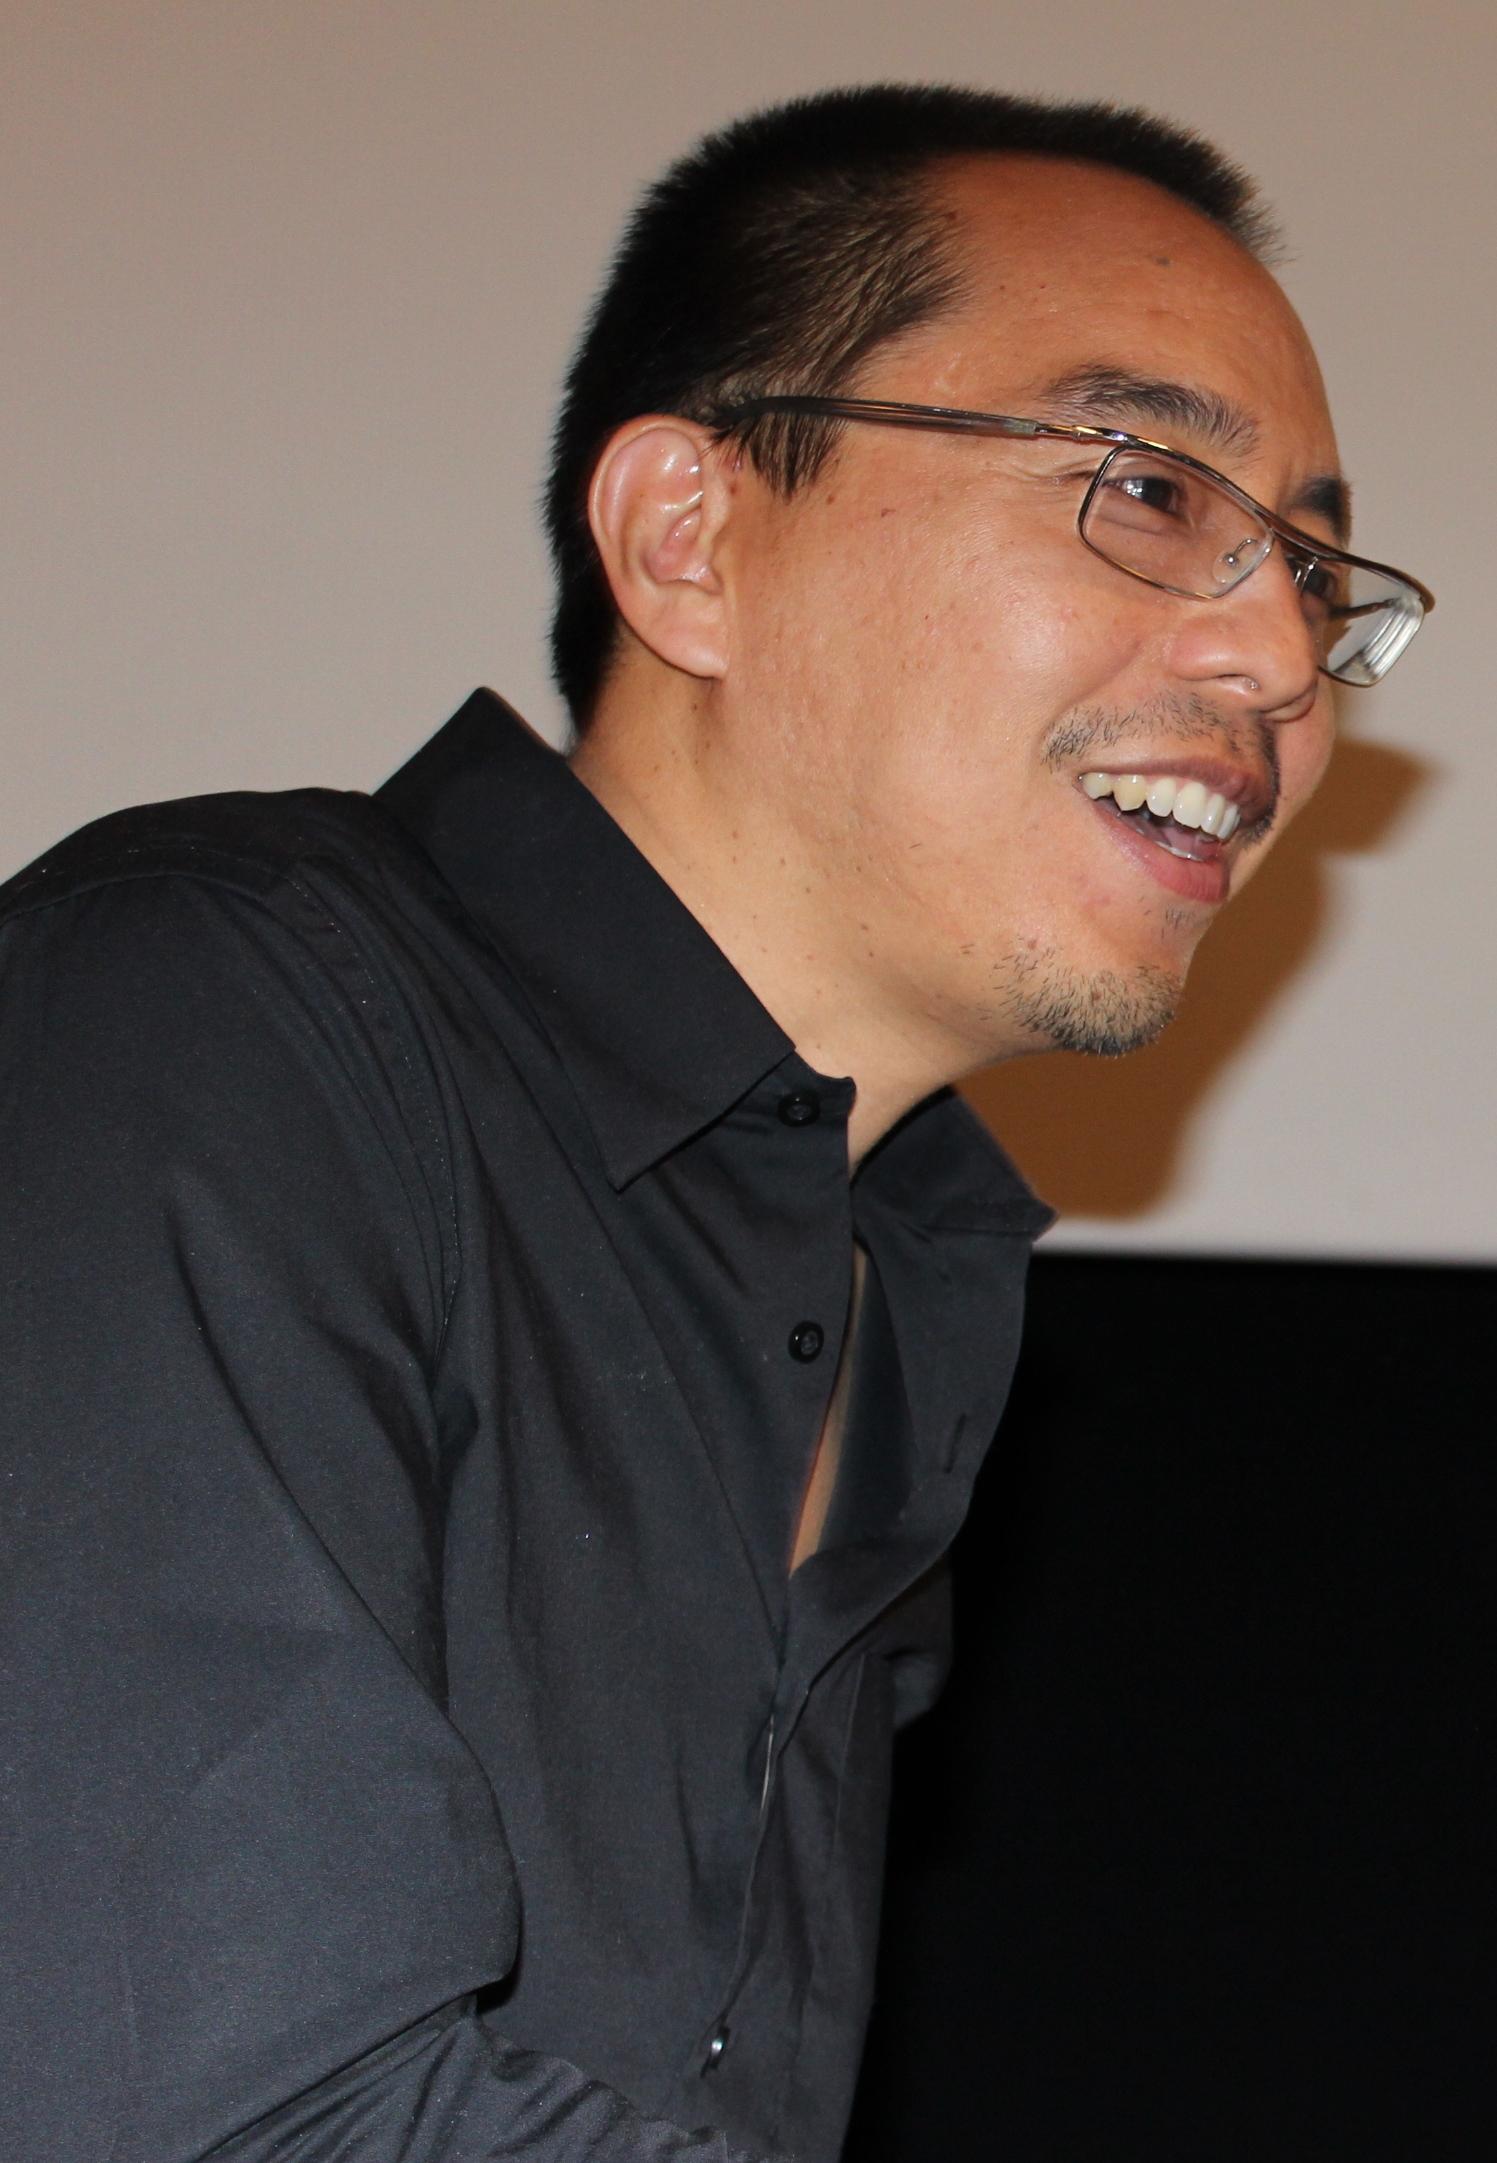 Photo Apichatpong Weerasethakul via Opendata BNF